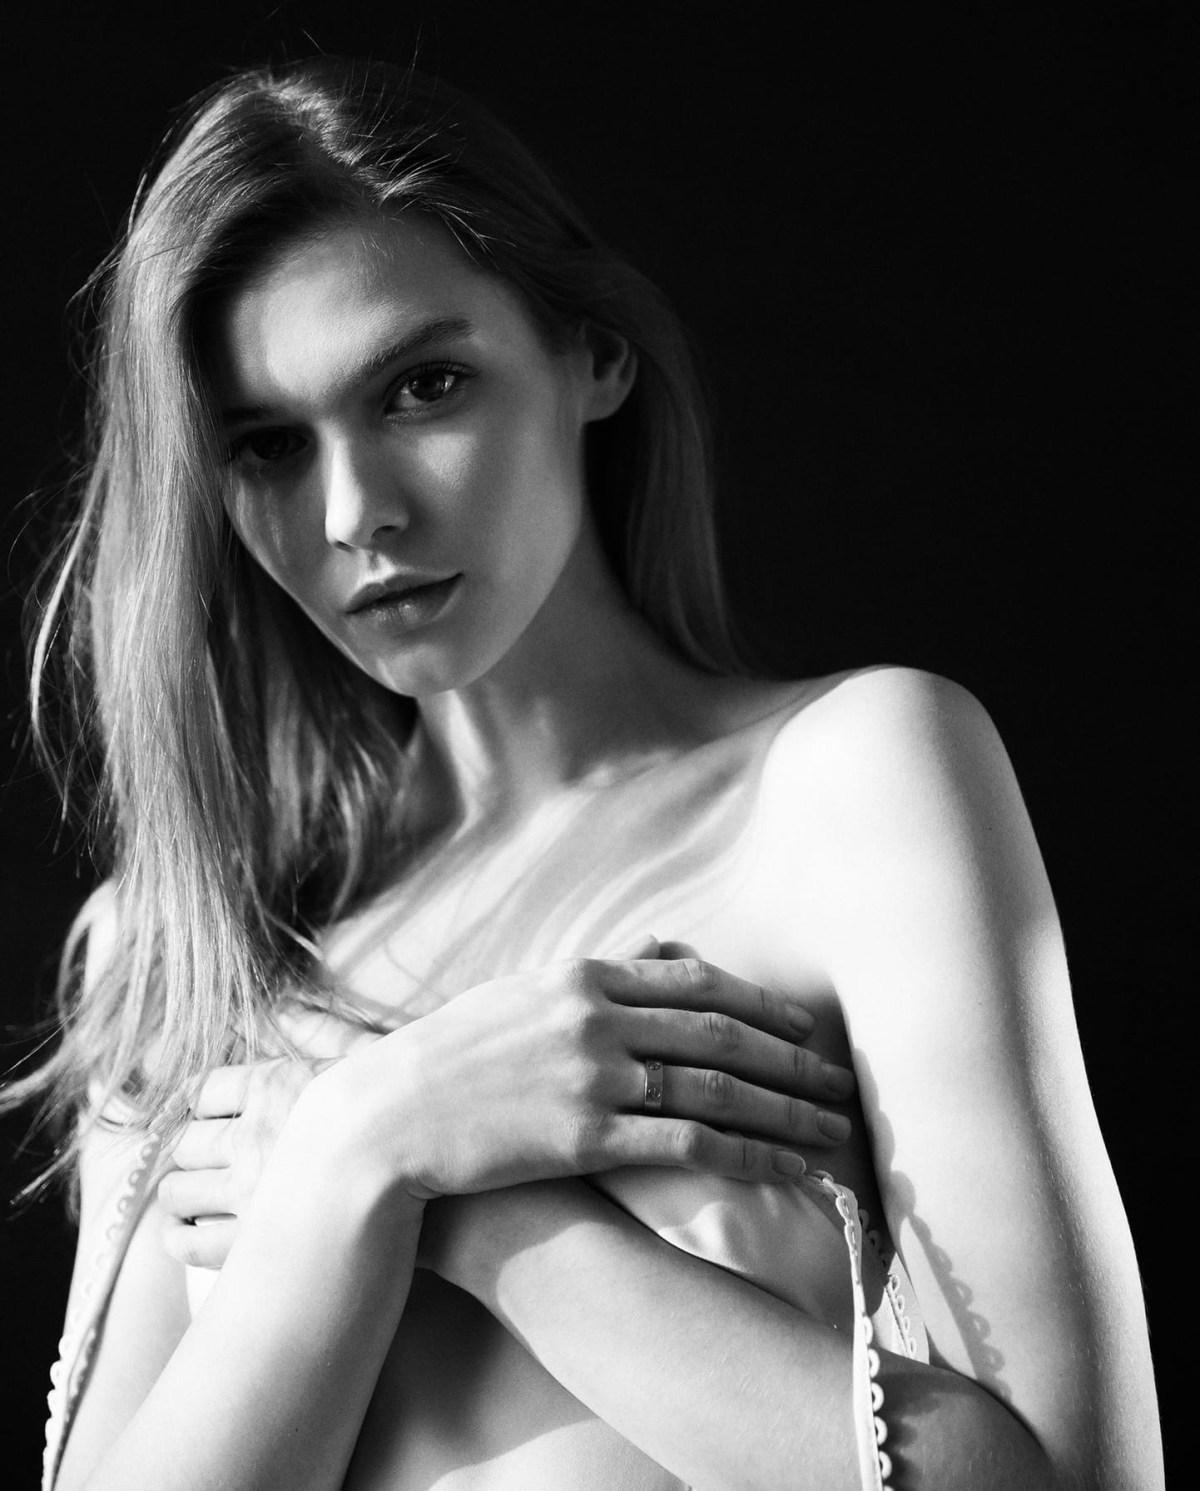 Diana by Anastasia Maltseva